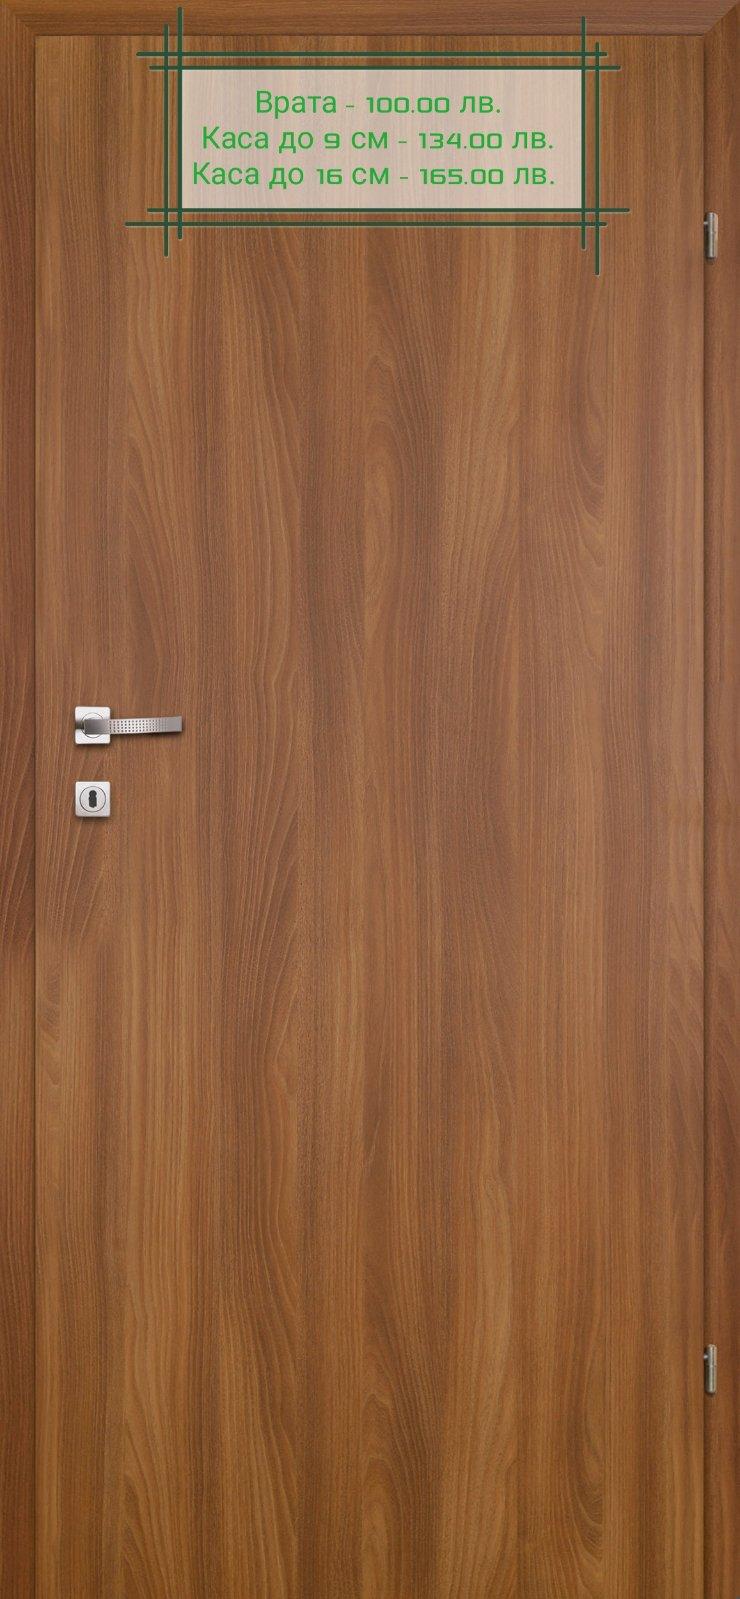 Врата Classen Сенчъри м.1 Акация Primo фолио  -  100.00 лв.